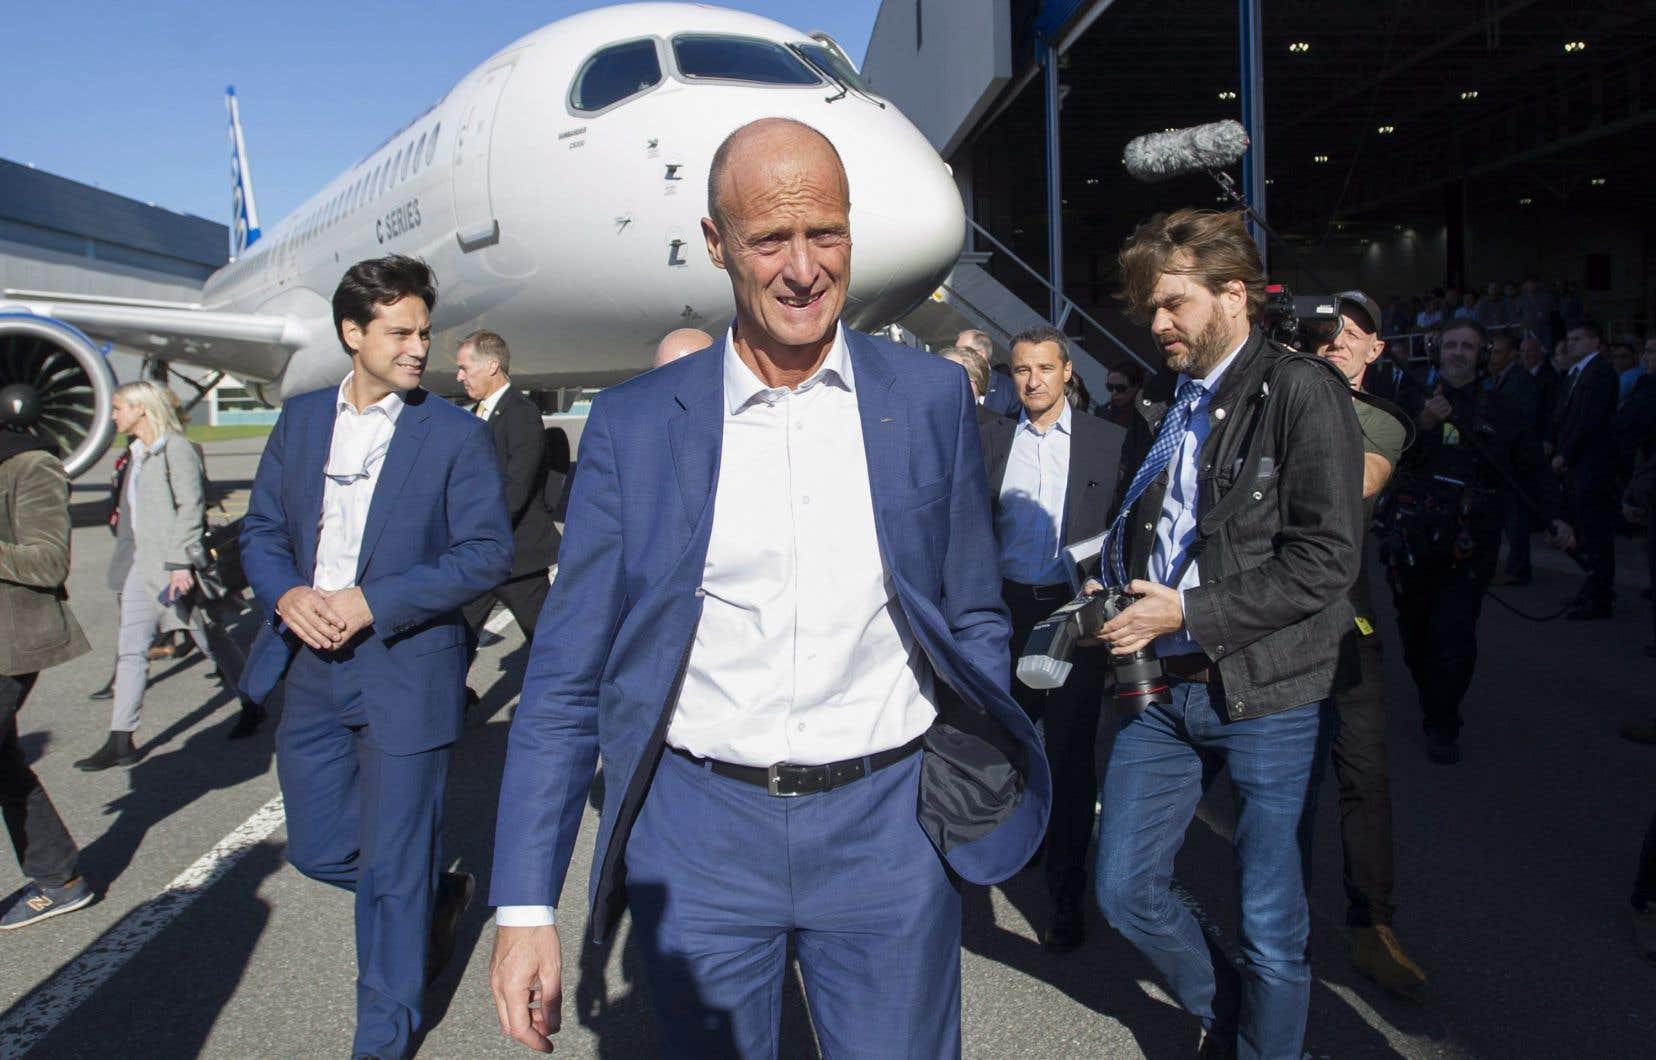 Le président-directeur général d'Airbus, Tom Enders, s'est voulu rassurant sur l'avenir du programme et de l'assemblage de l'appareil à Mirabel.